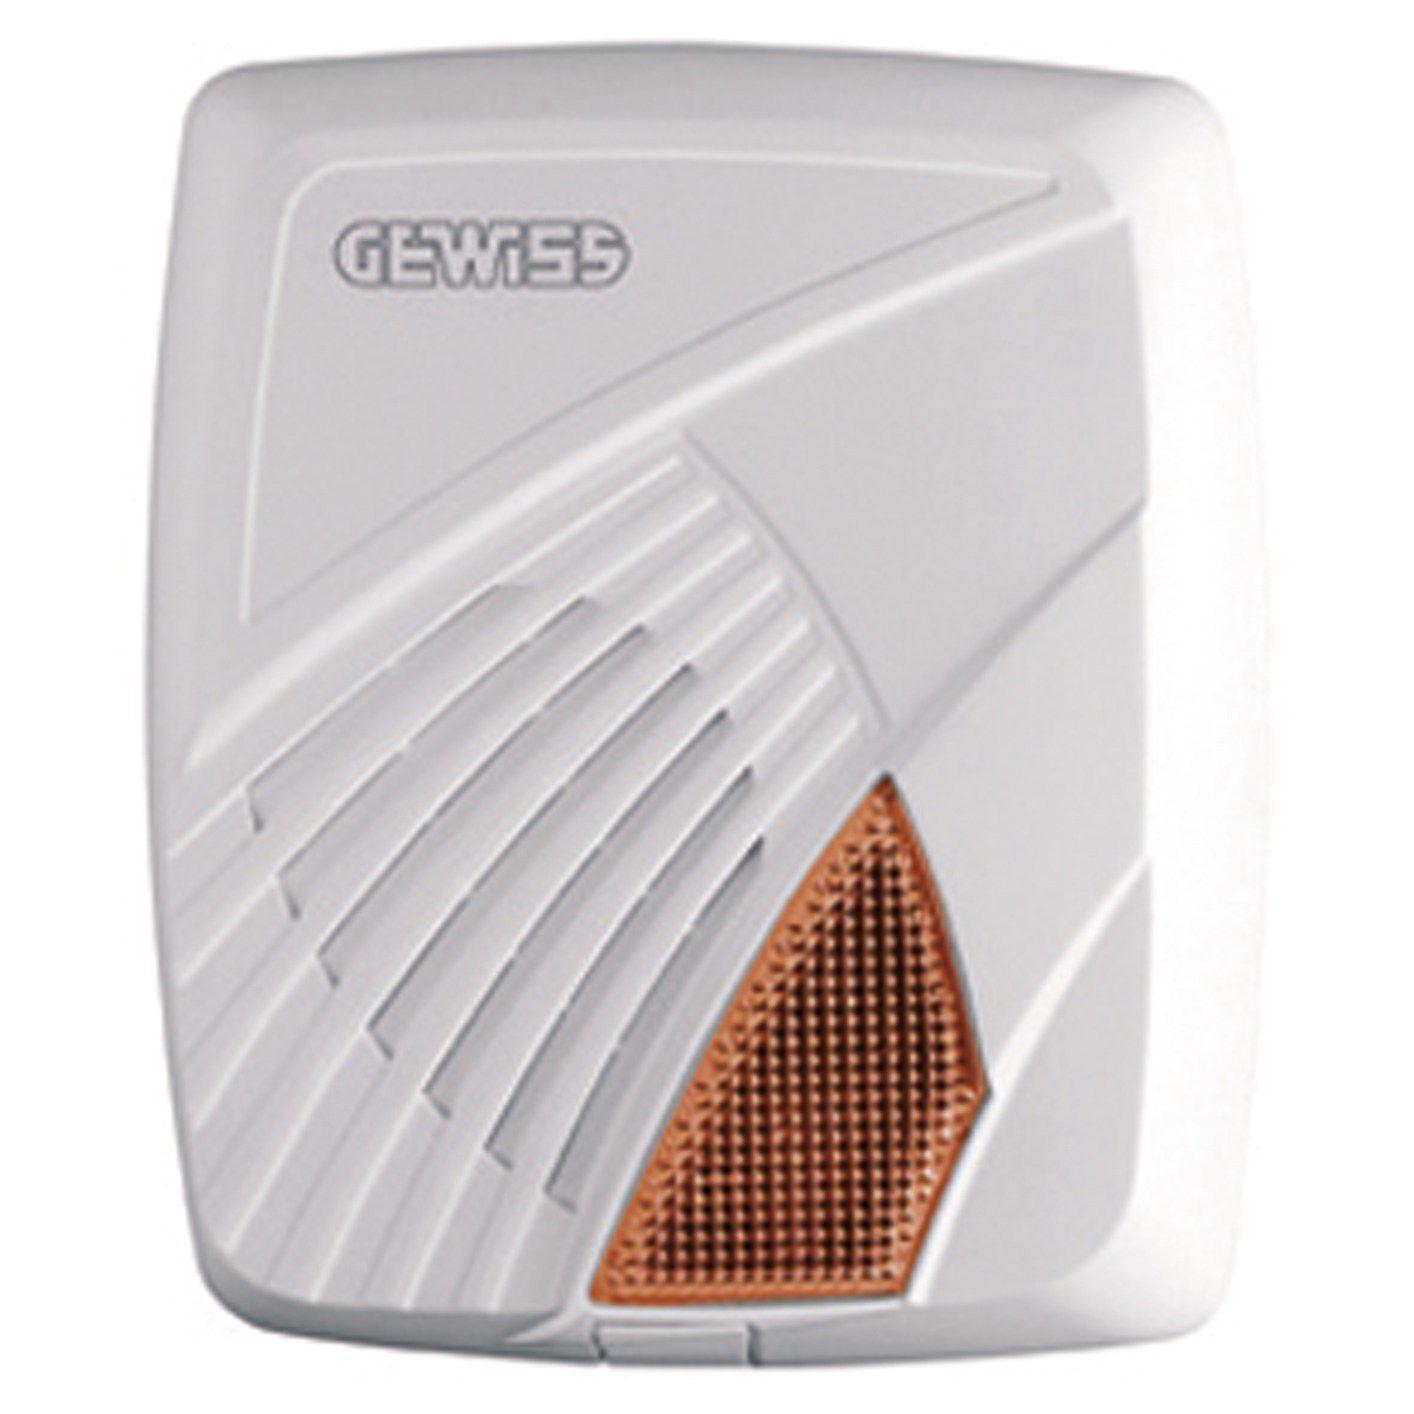 Gewiss presenta il nuovo sistema antintrusione per il controllo completo dell'abitazione